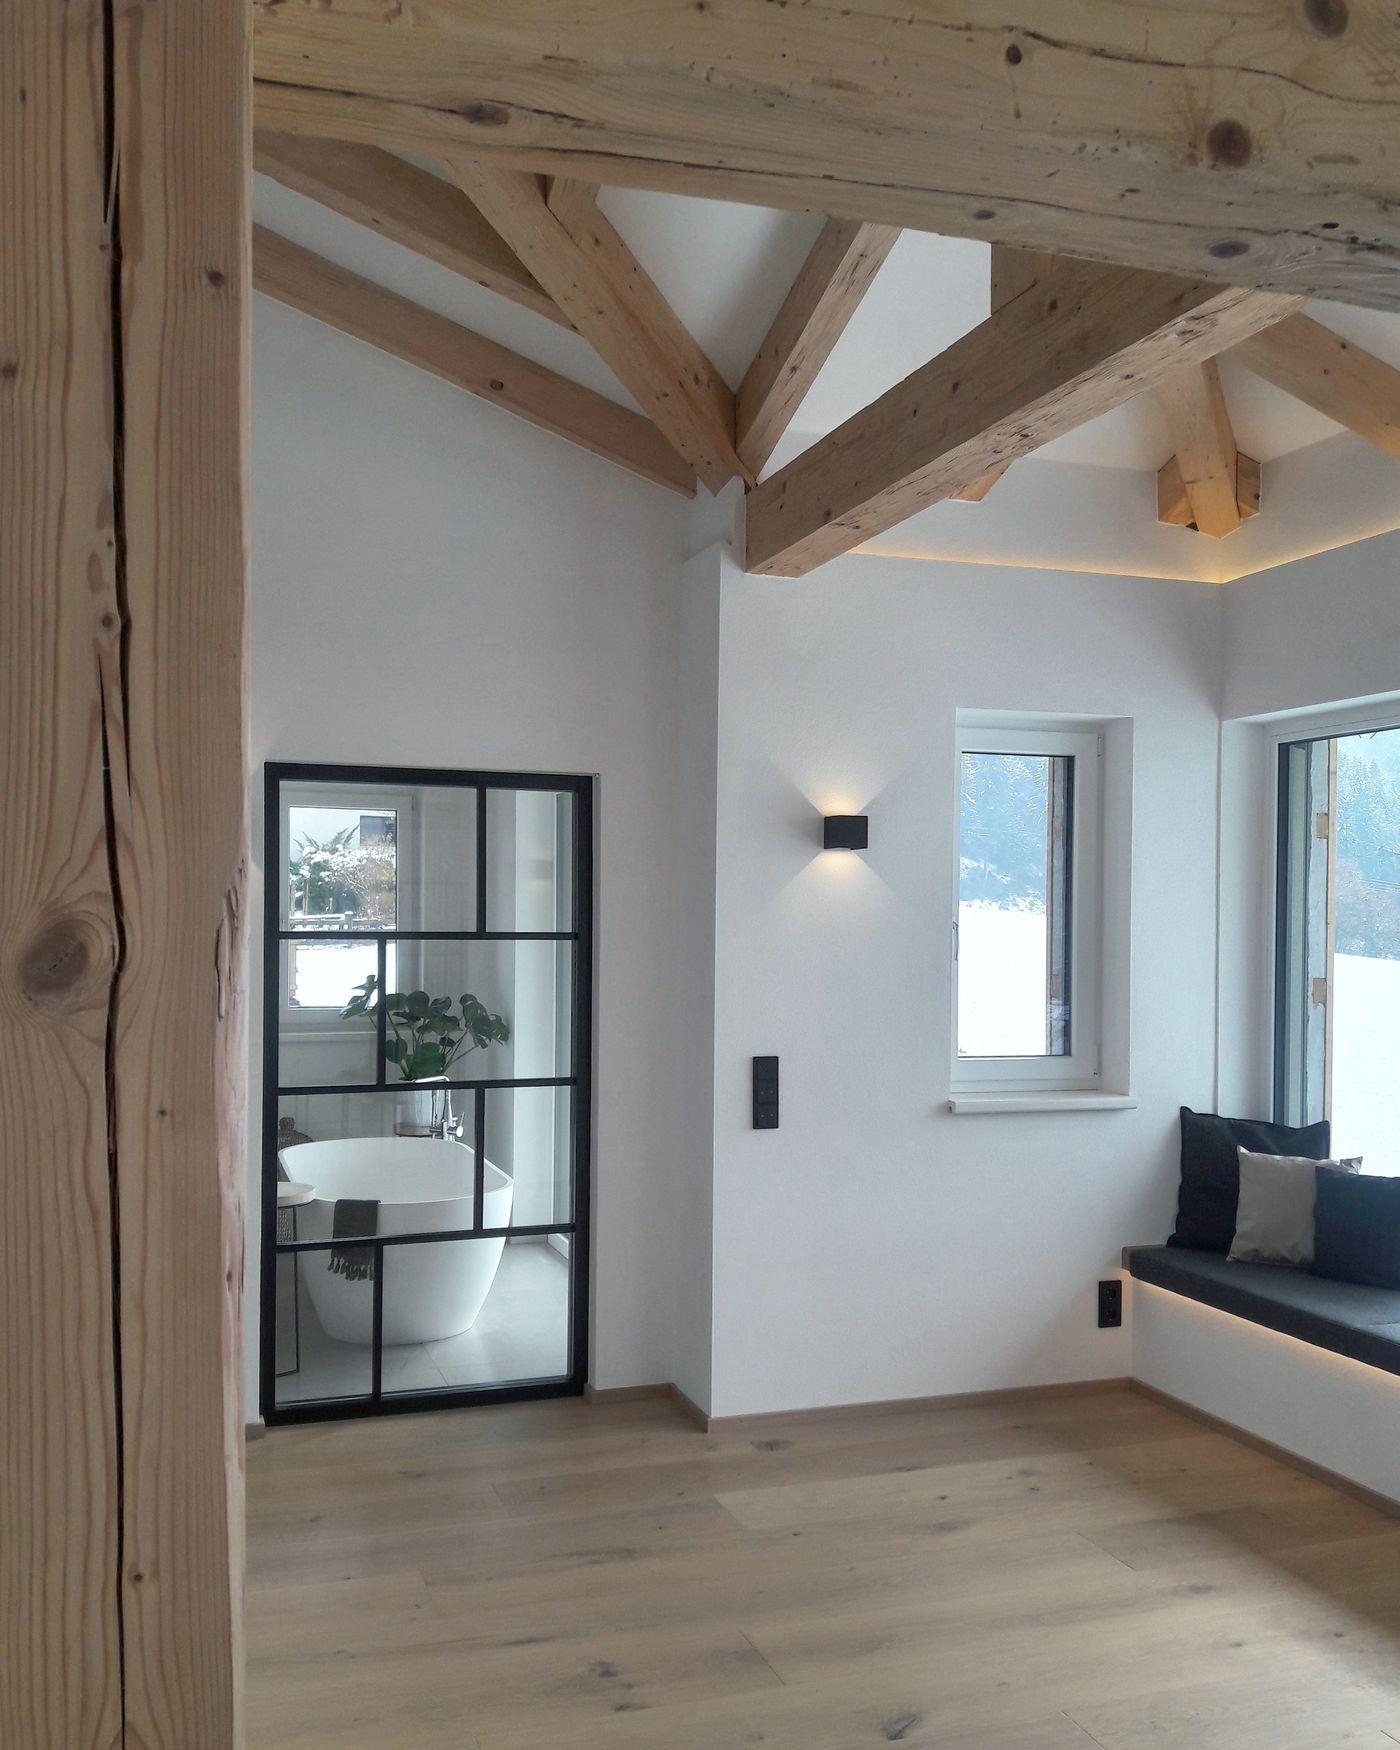 ideen f r deine wohnung im dachgeschoss mit dachschr gen. Black Bedroom Furniture Sets. Home Design Ideas